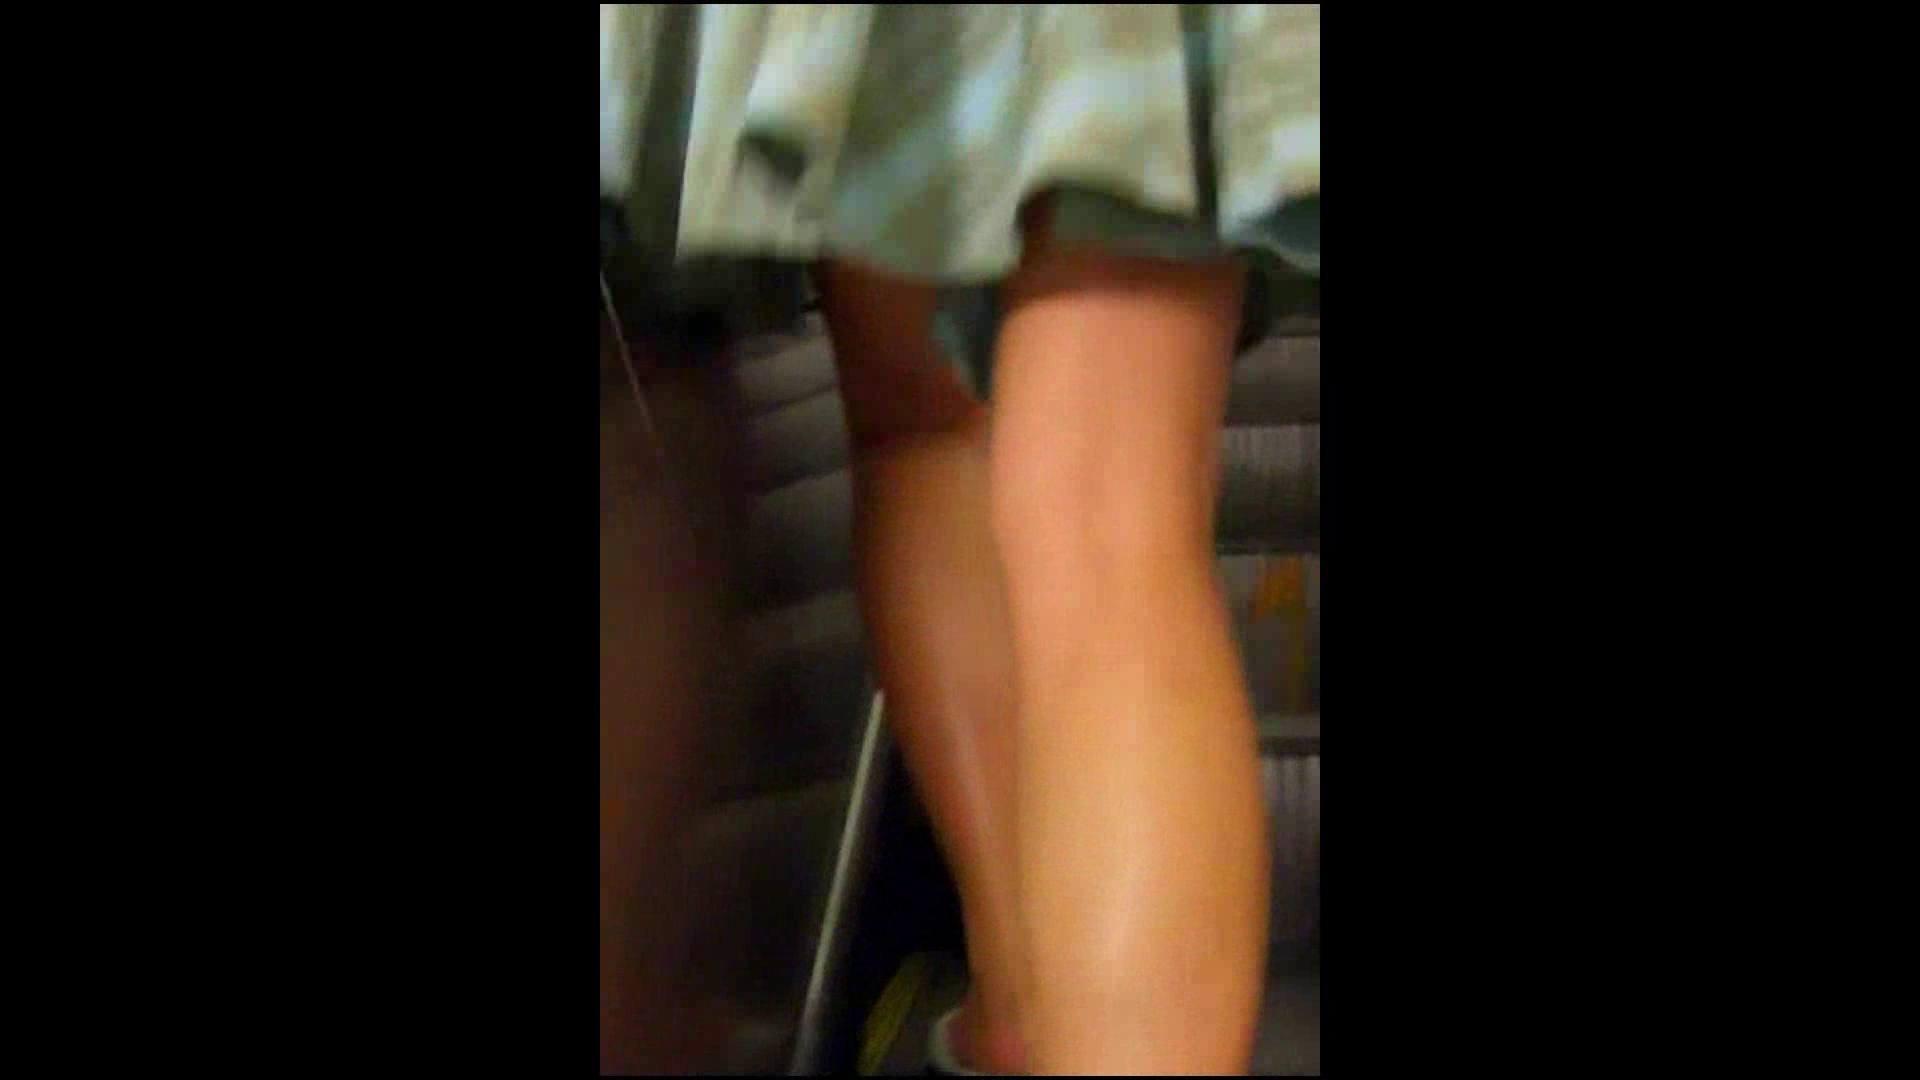 綺麗なモデルさんのスカート捲っちゃおう‼vol04 0  78pic 70